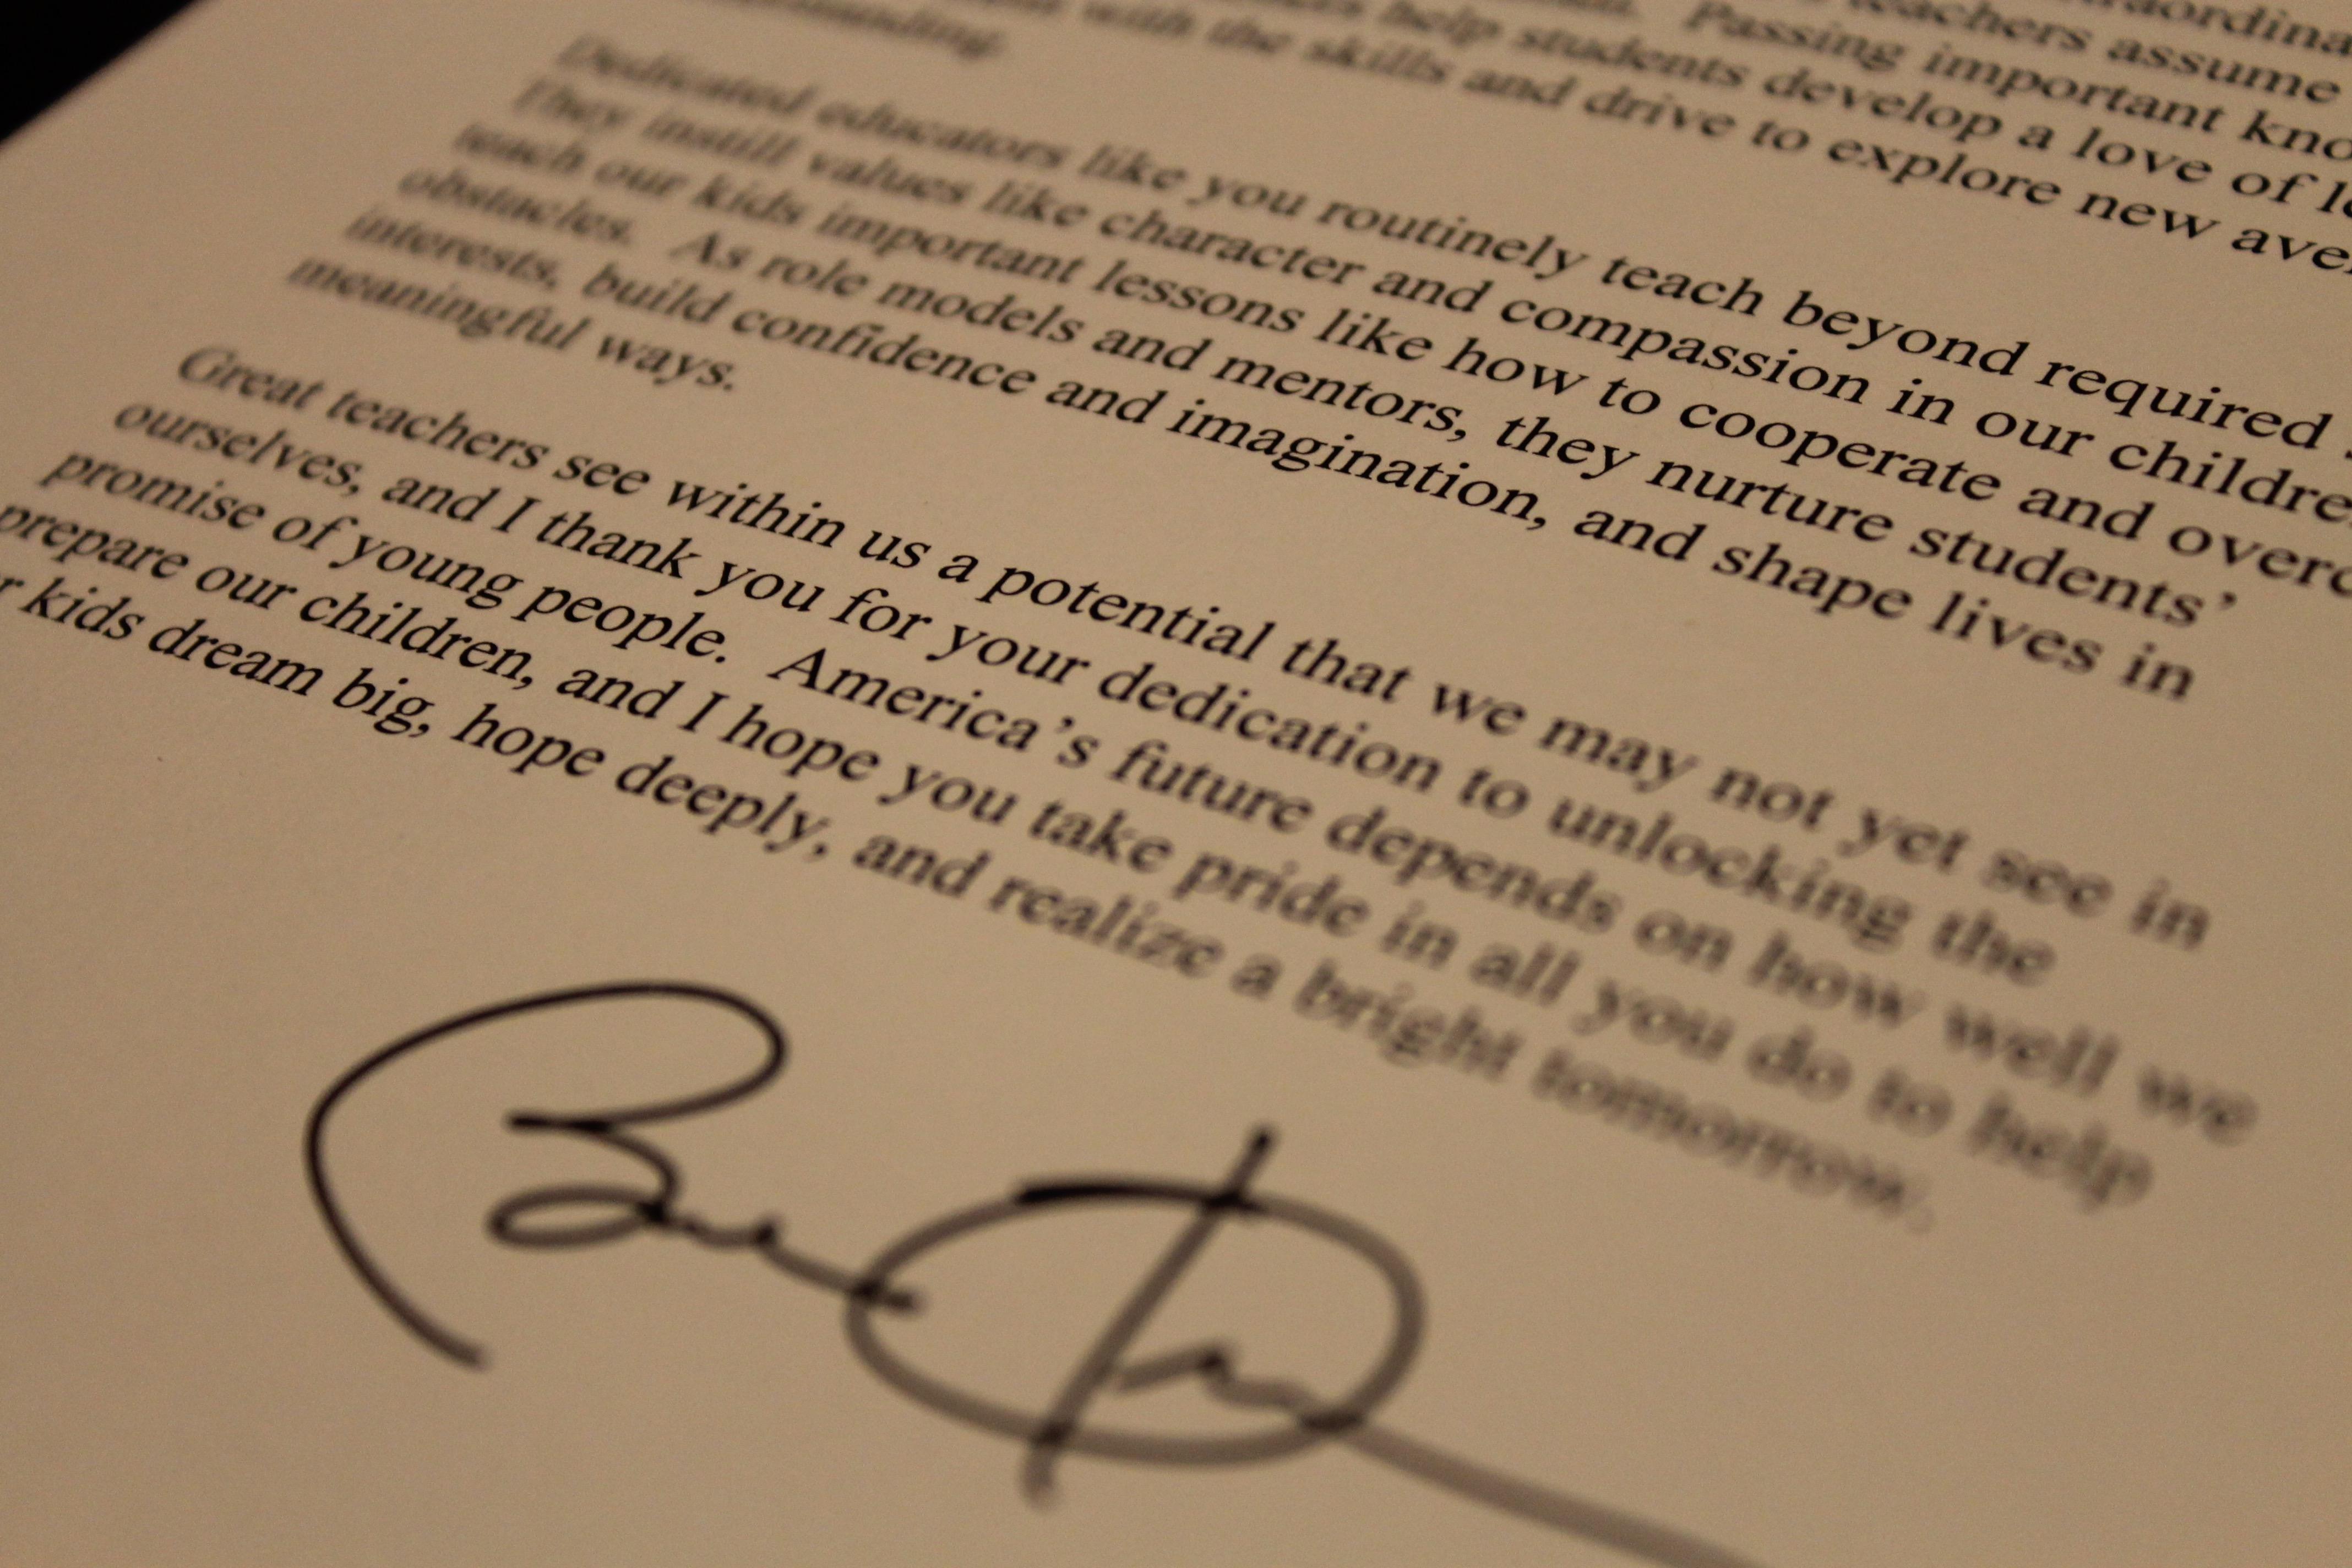 letter from President Obama